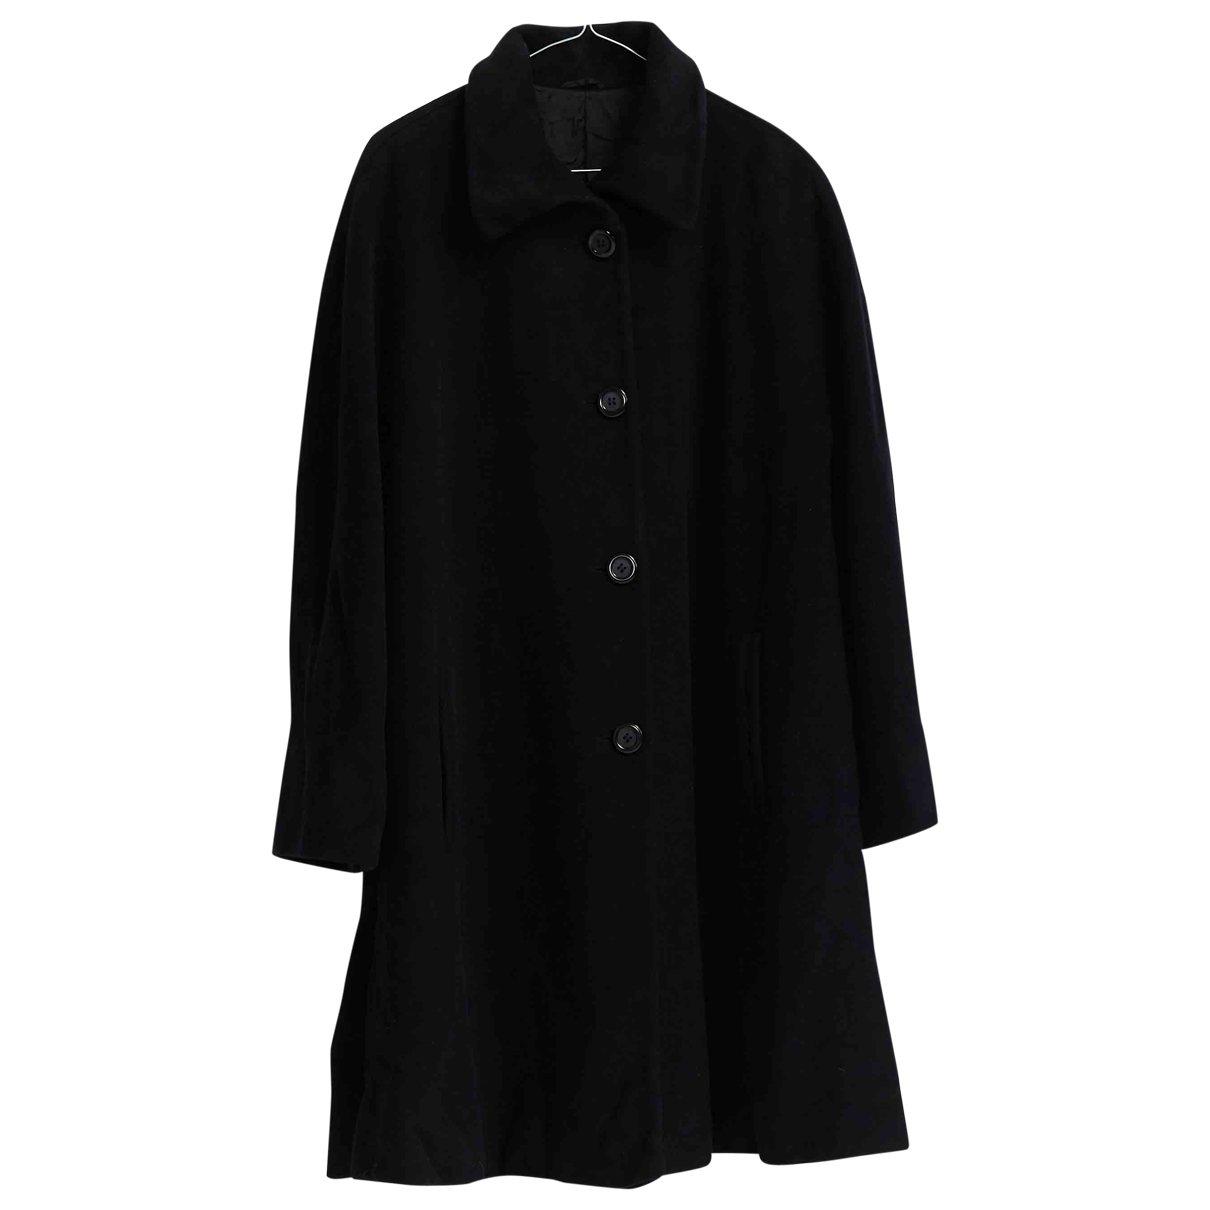 Krizia \N Black Wool coat for Women 44 IT